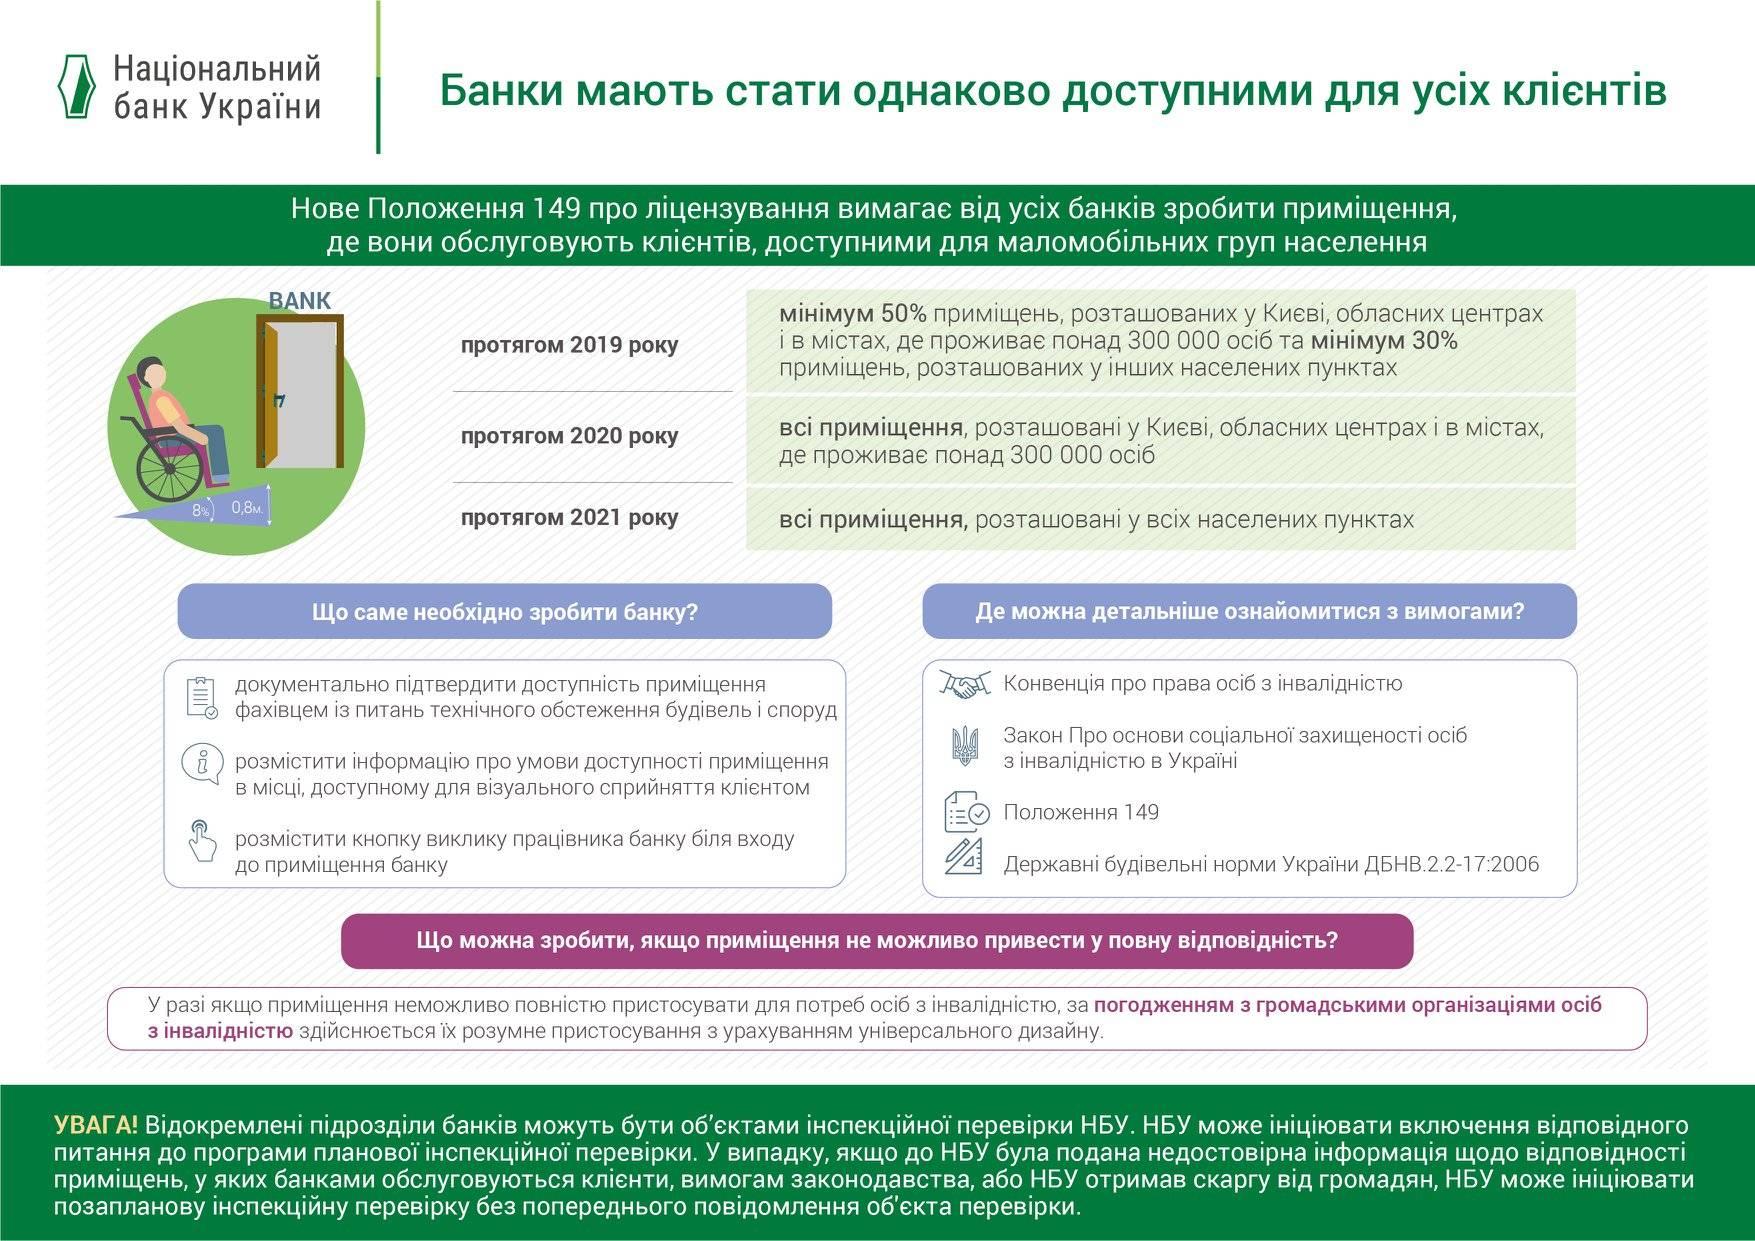 Вимоги Нацбанку щодо доступності банківських відділень